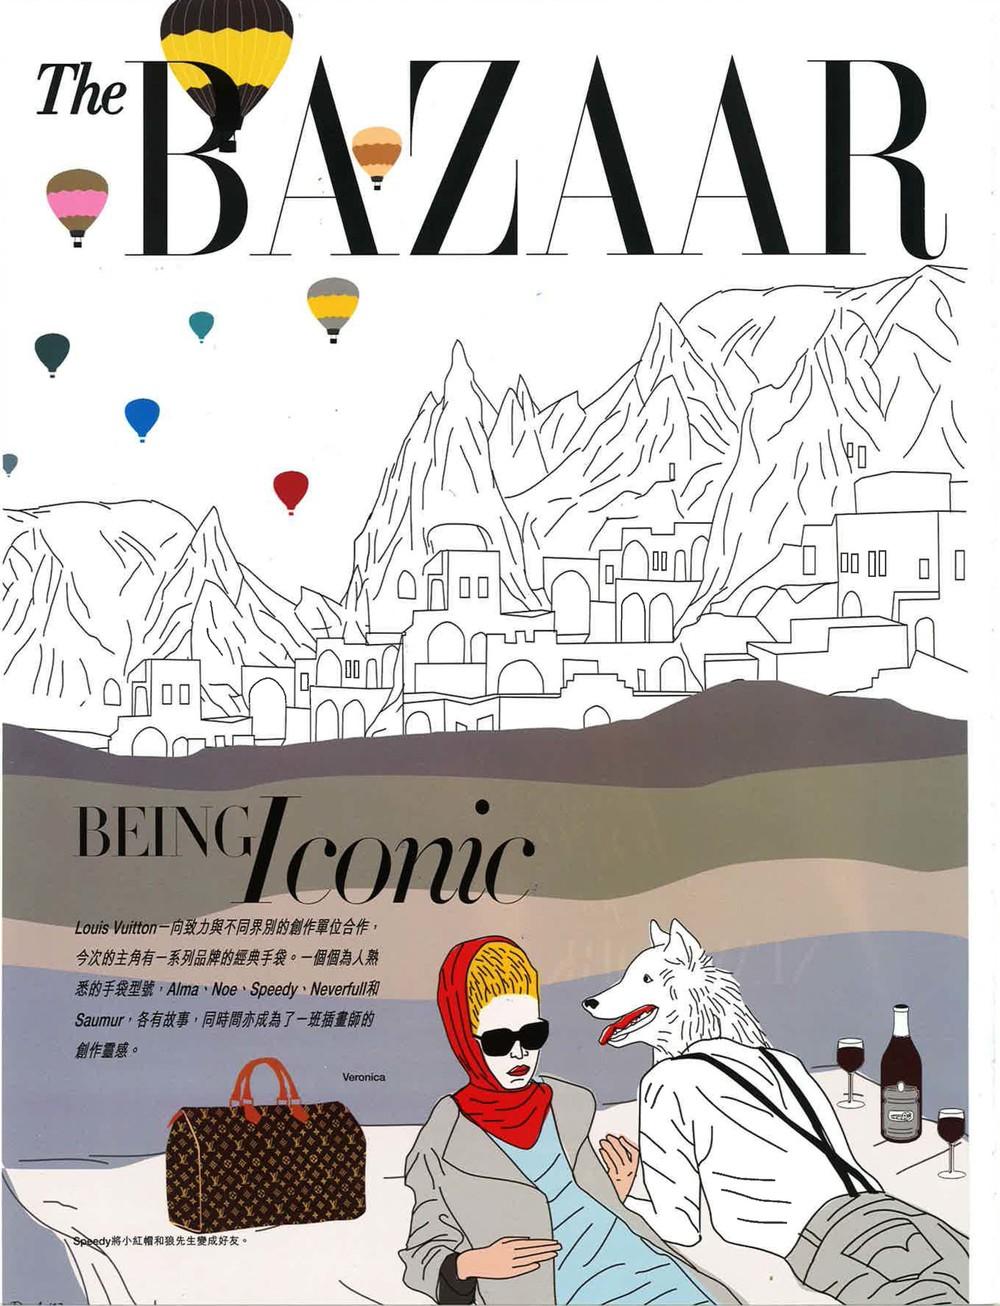 Harpers BAZAAR_2013 Jul_Content1.jpg